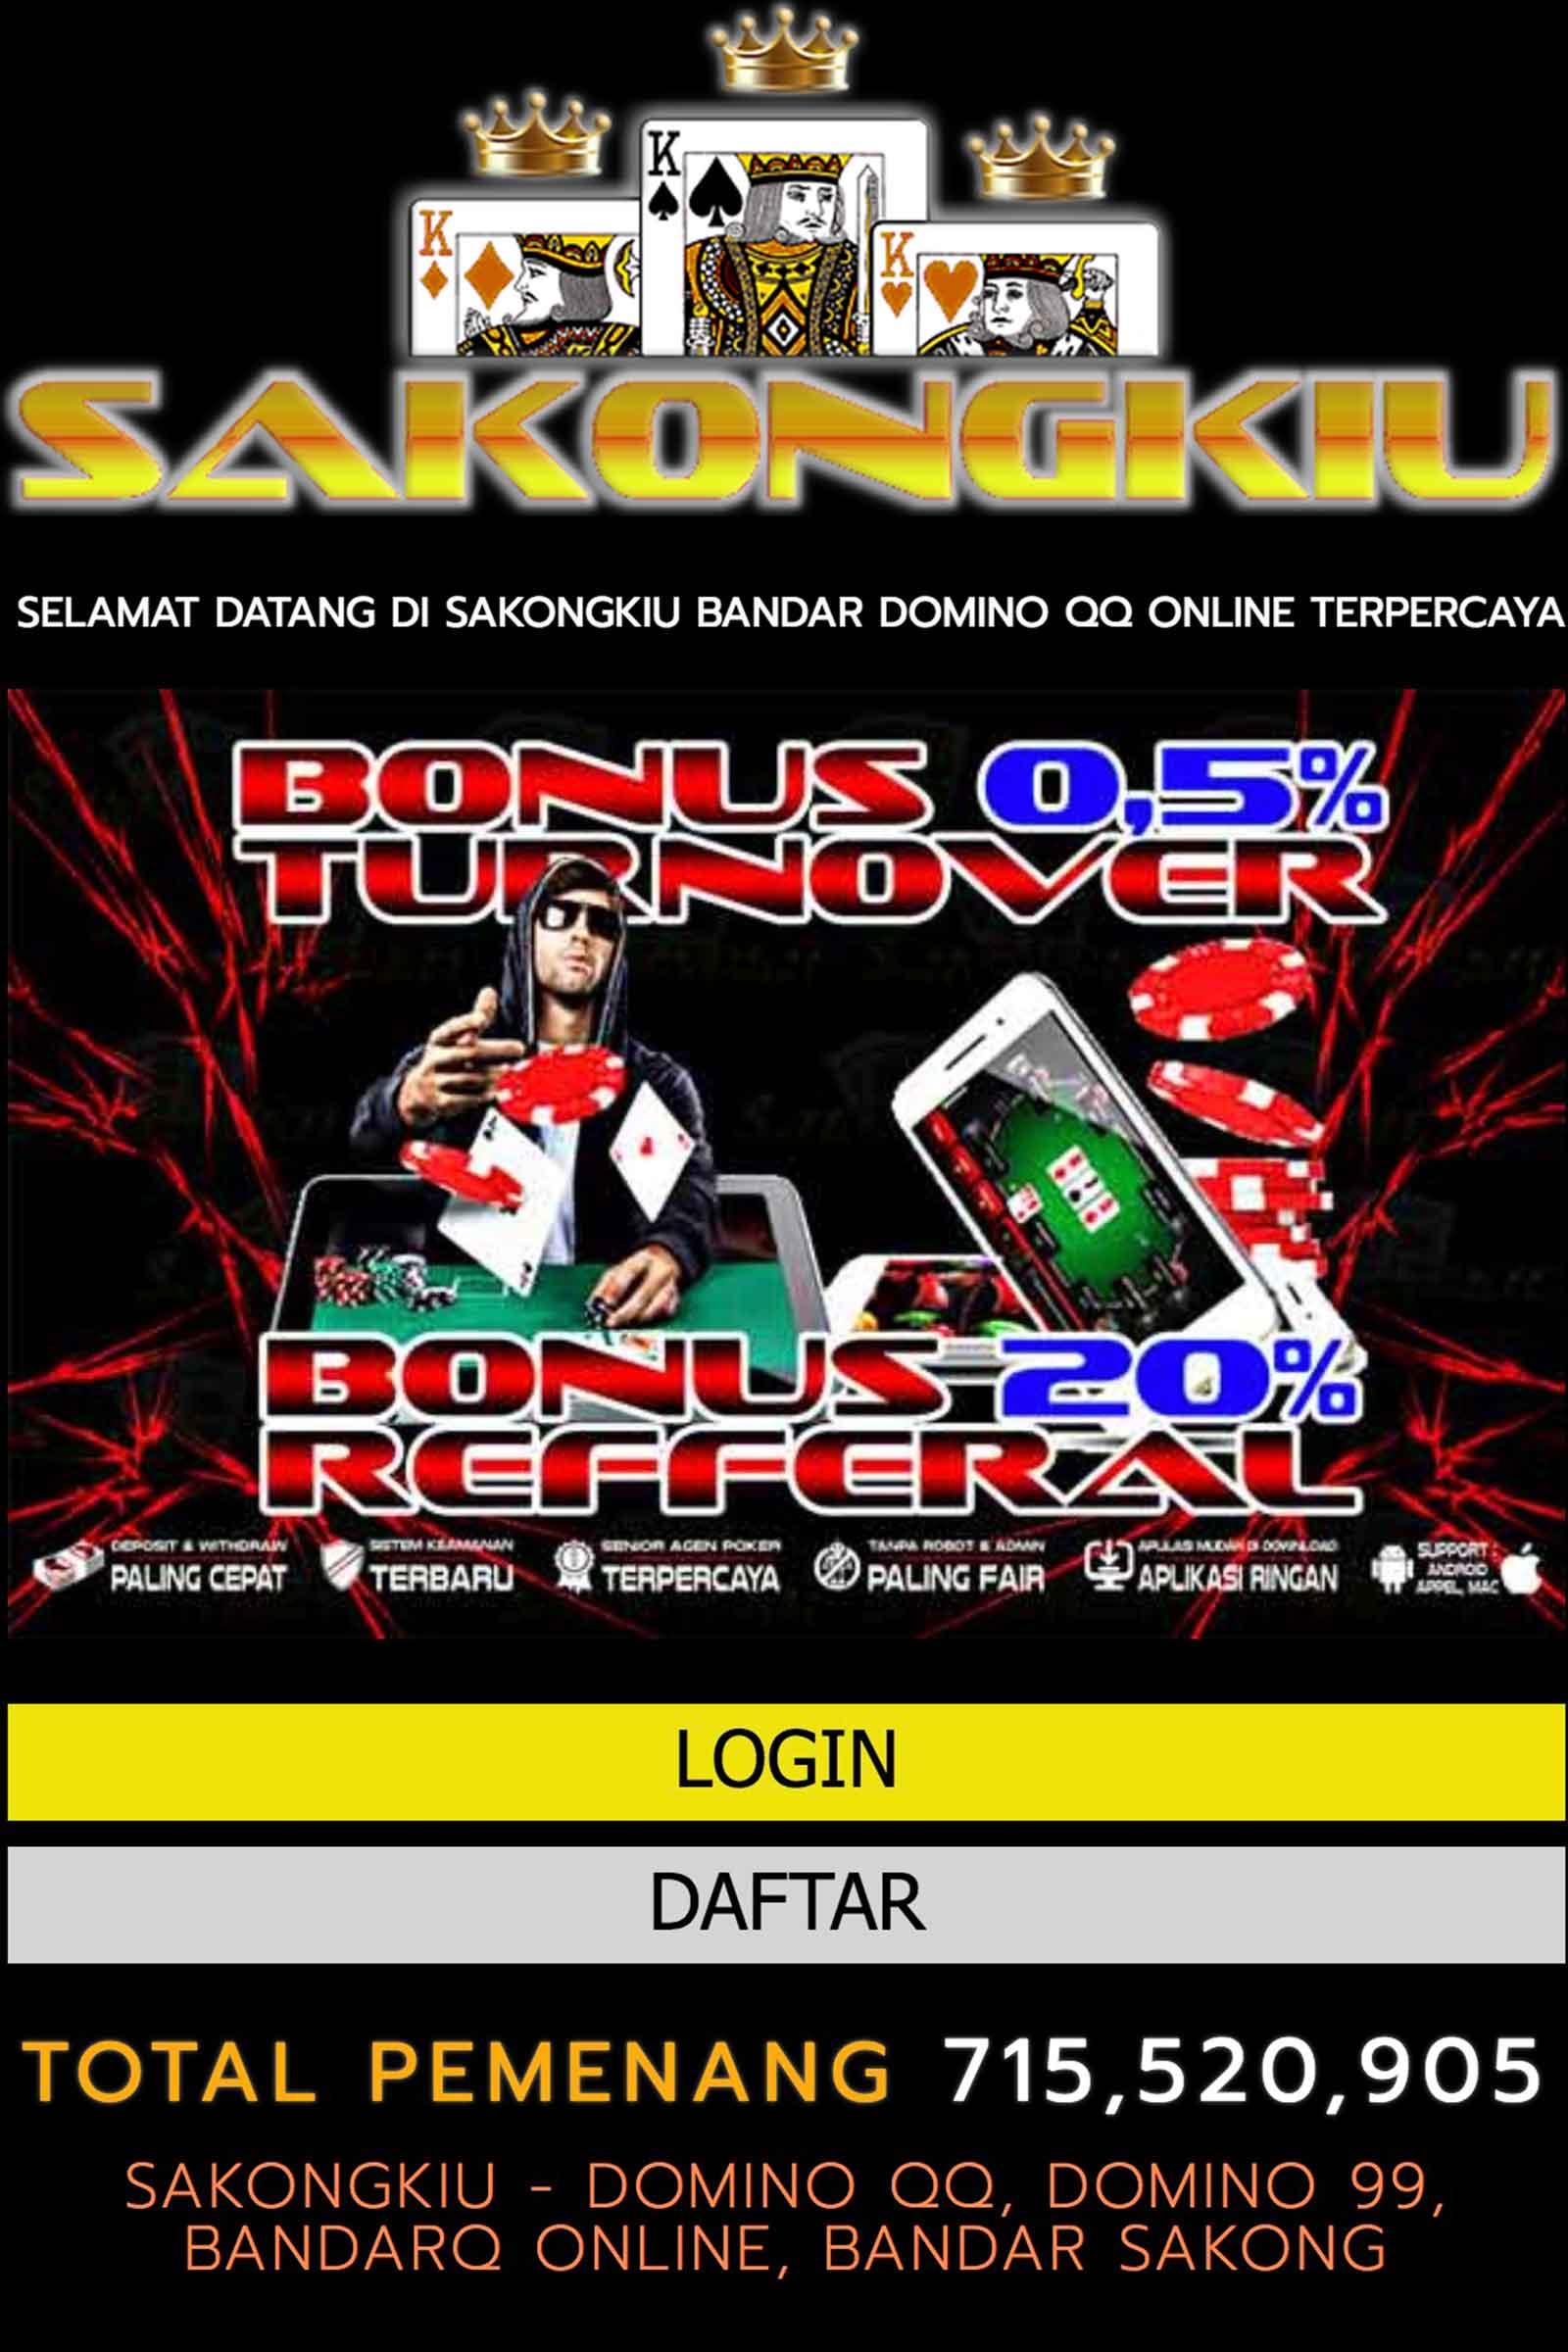 Image result for agen sakongkiu online